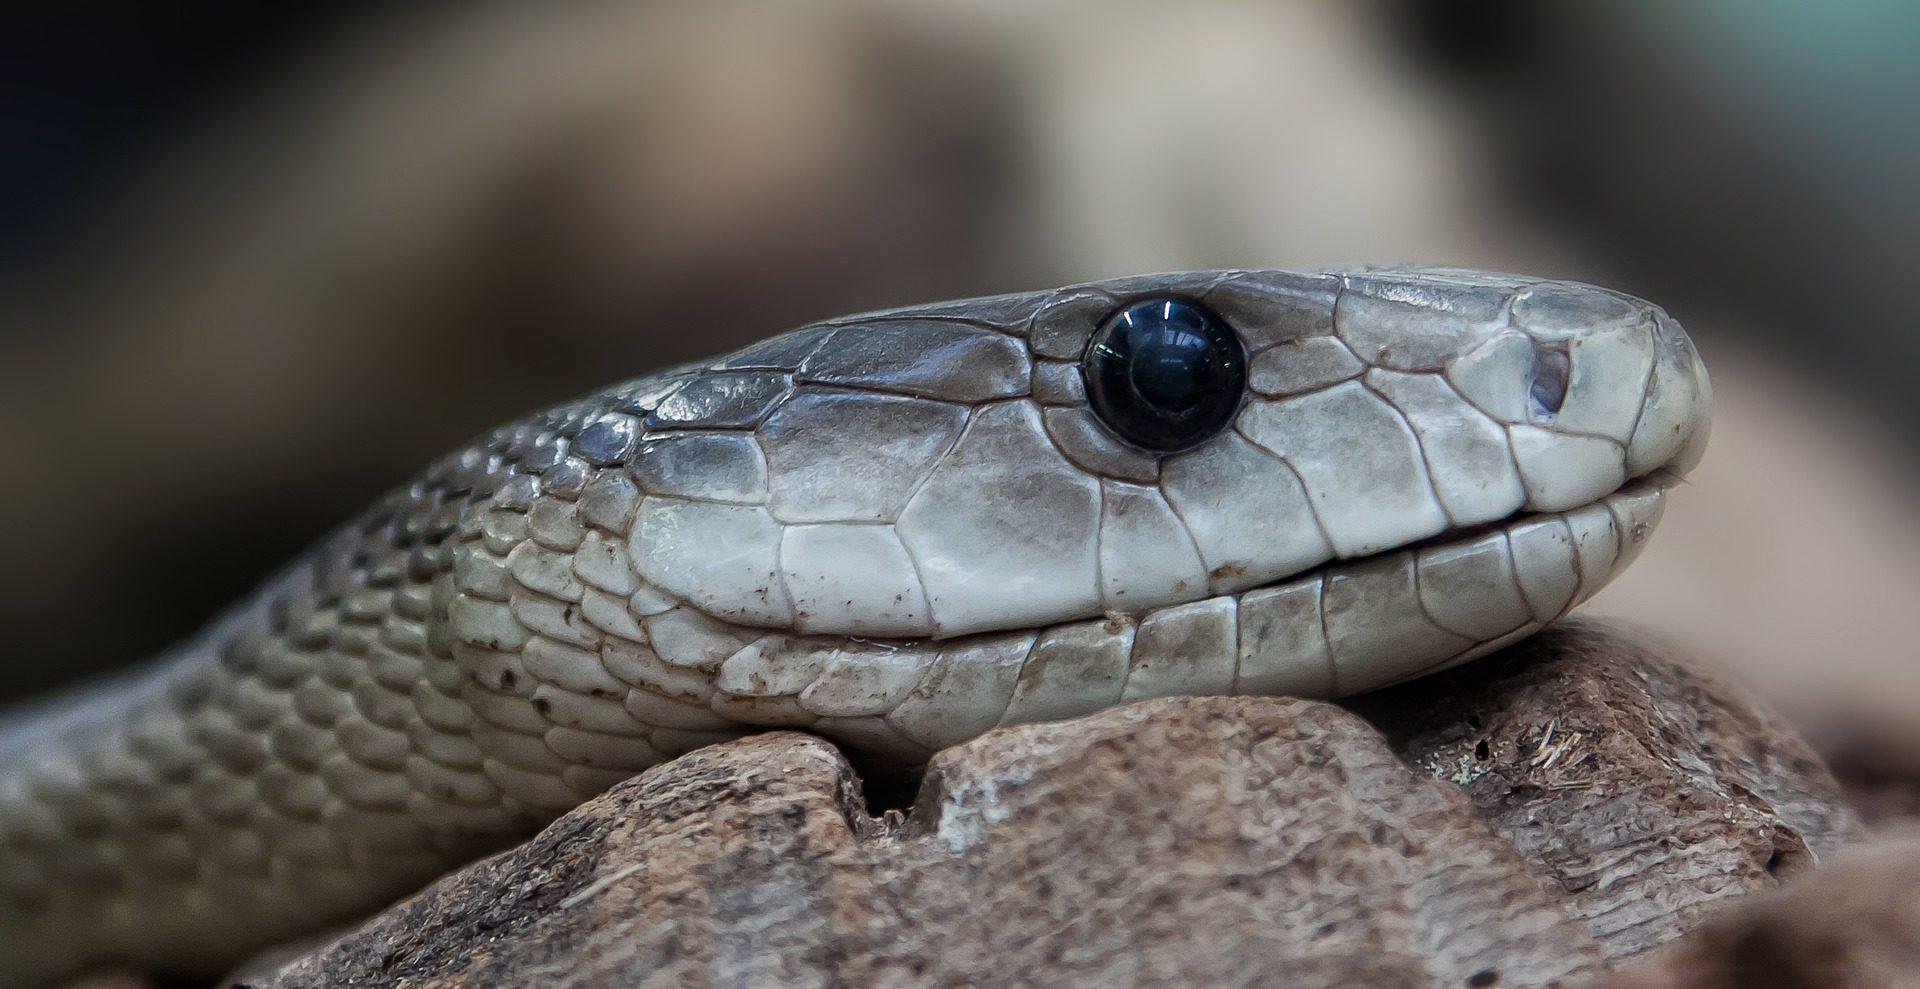 serpiente recurso